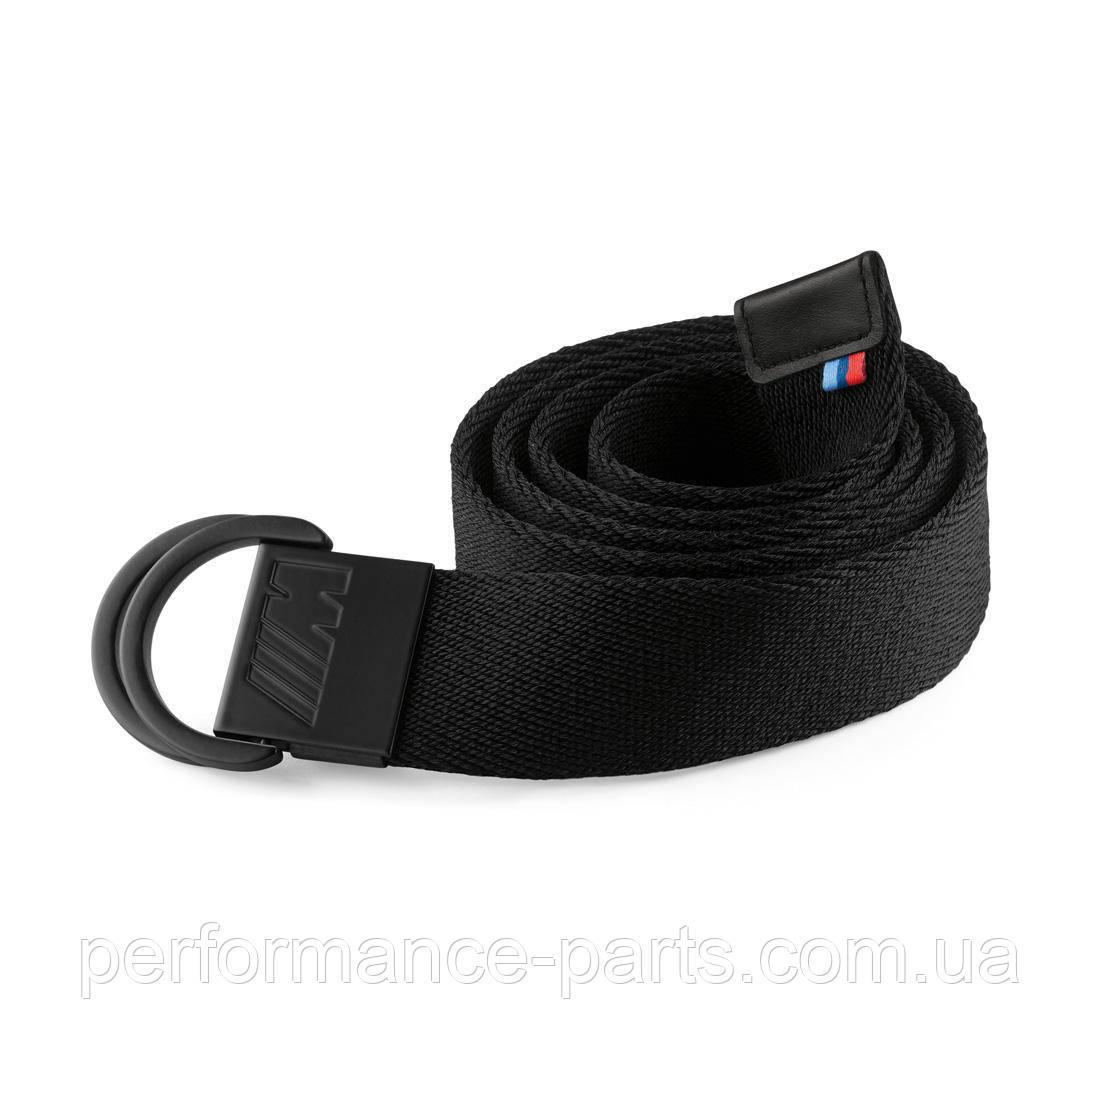 Текстильный ремень BMW M Belt, Unisex, Black, 80162410912